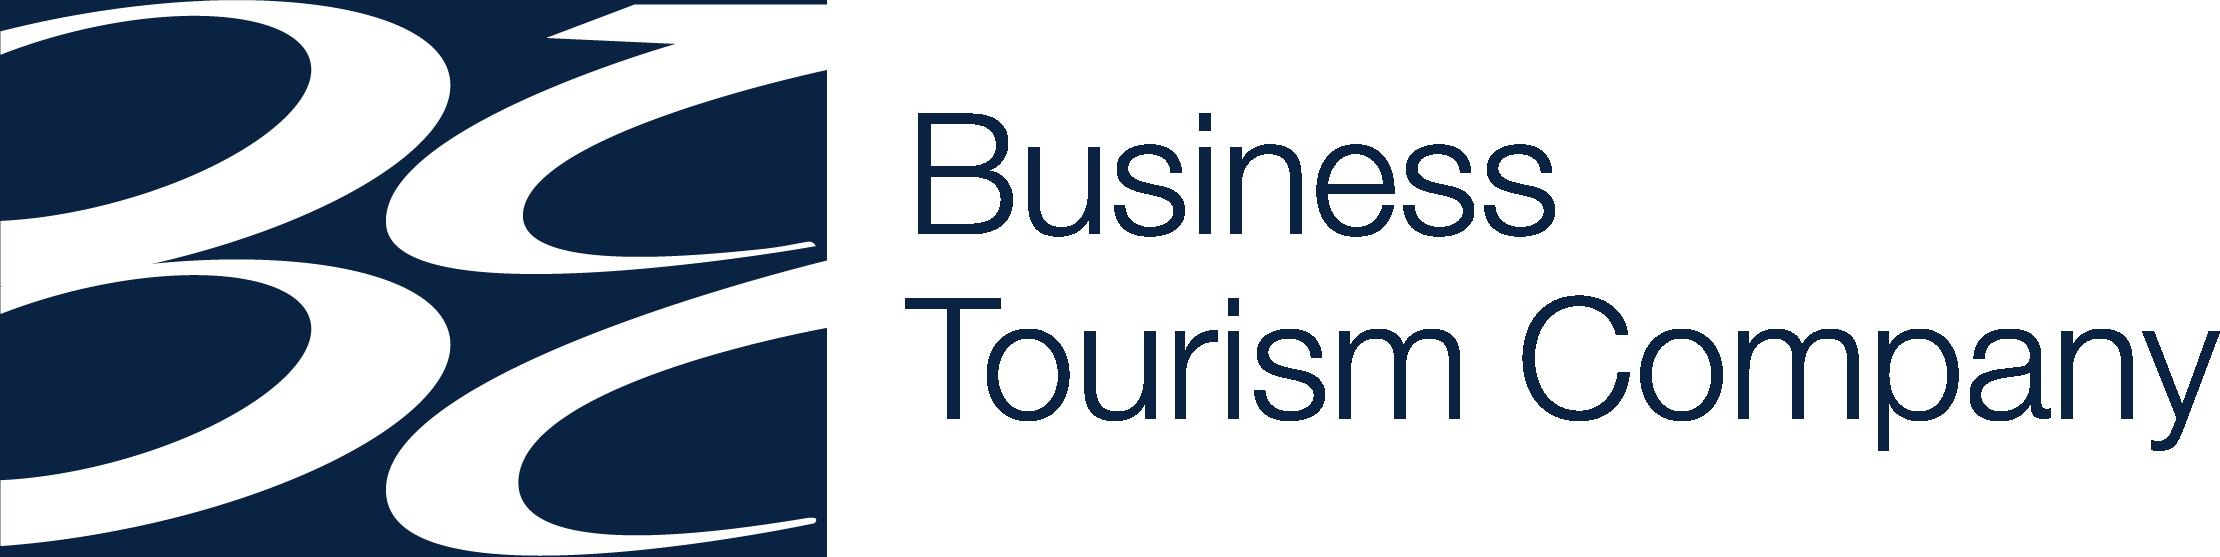 btc-logo-01